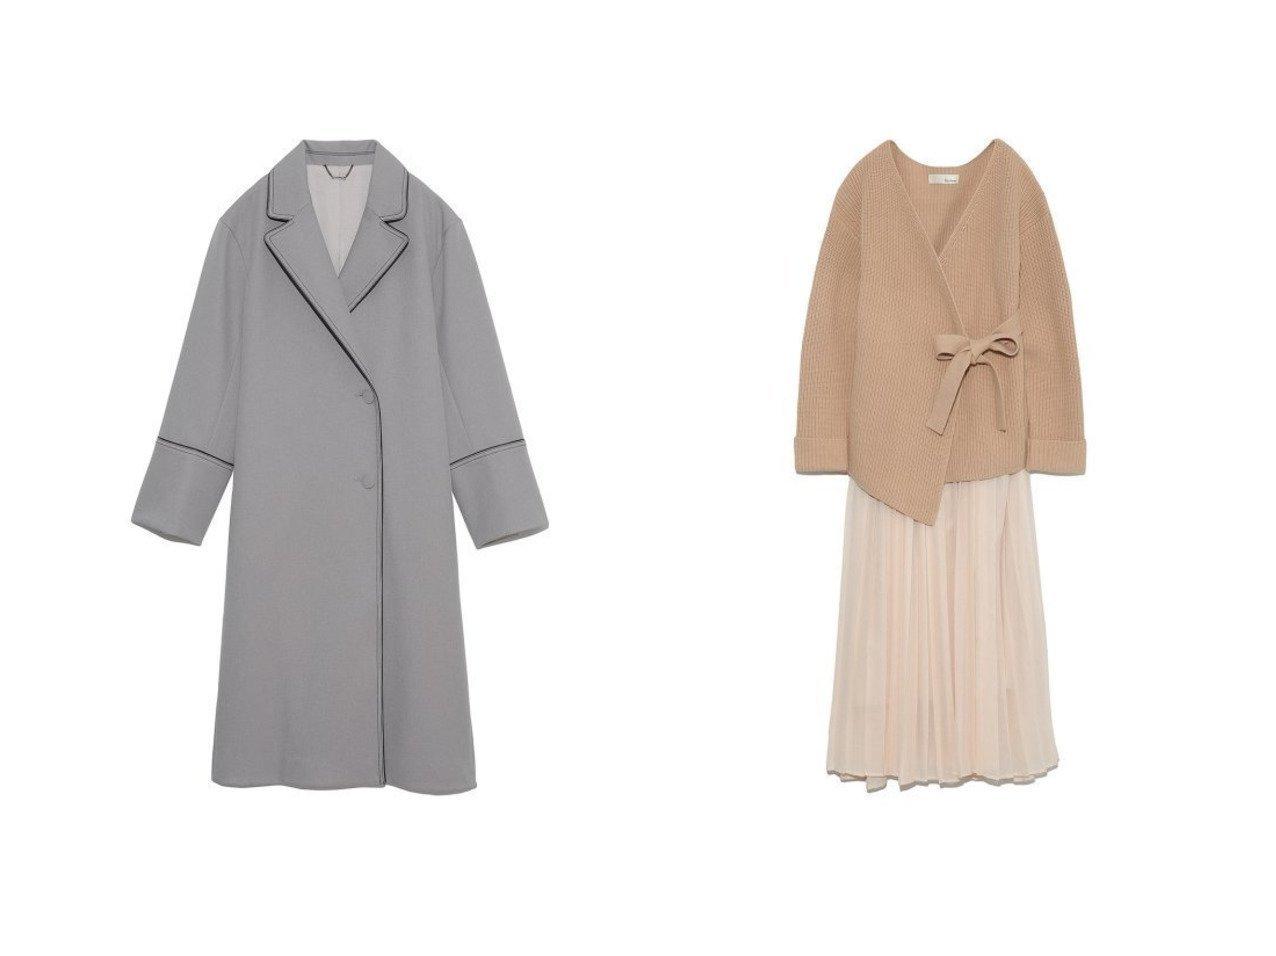 【Lily Brown/リリーブラウン】のニットセットスカート&パイピングスプリングコート Lily Brownのおすすめ!人気、トレンド・レディースファッションの通販 おすすめで人気の流行・トレンド、ファッションの通販商品 メンズファッション・キッズファッション・インテリア・家具・レディースファッション・服の通販 founy(ファニー) https://founy.com/ ファッション Fashion レディースファッション WOMEN アウター Coat Outerwear コート Coats チェスターコート Top Coat セットアップ Setup トップス Tops スカート Skirt 春 Spring クラシカル シンプル スマート チェスターコート なめらか バランス パイピング ワーク 畦 シアー セットアップ フェミニン ラップ ラベンダー リボン 再入荷 Restock/Back in Stock/Re Arrival  ID:crp329100000019629